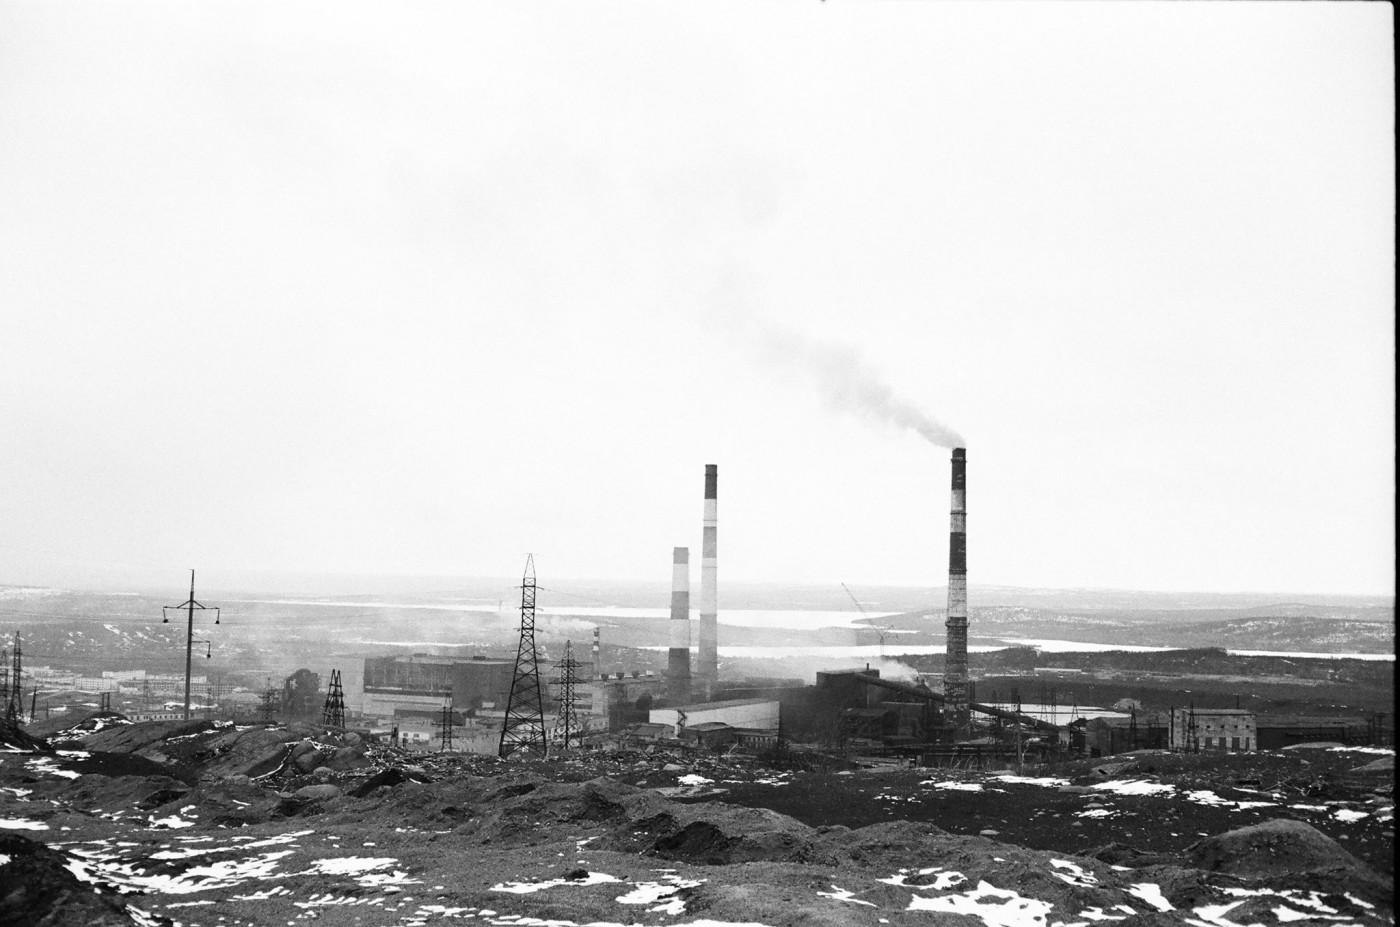 Панорамне фото Нікелю